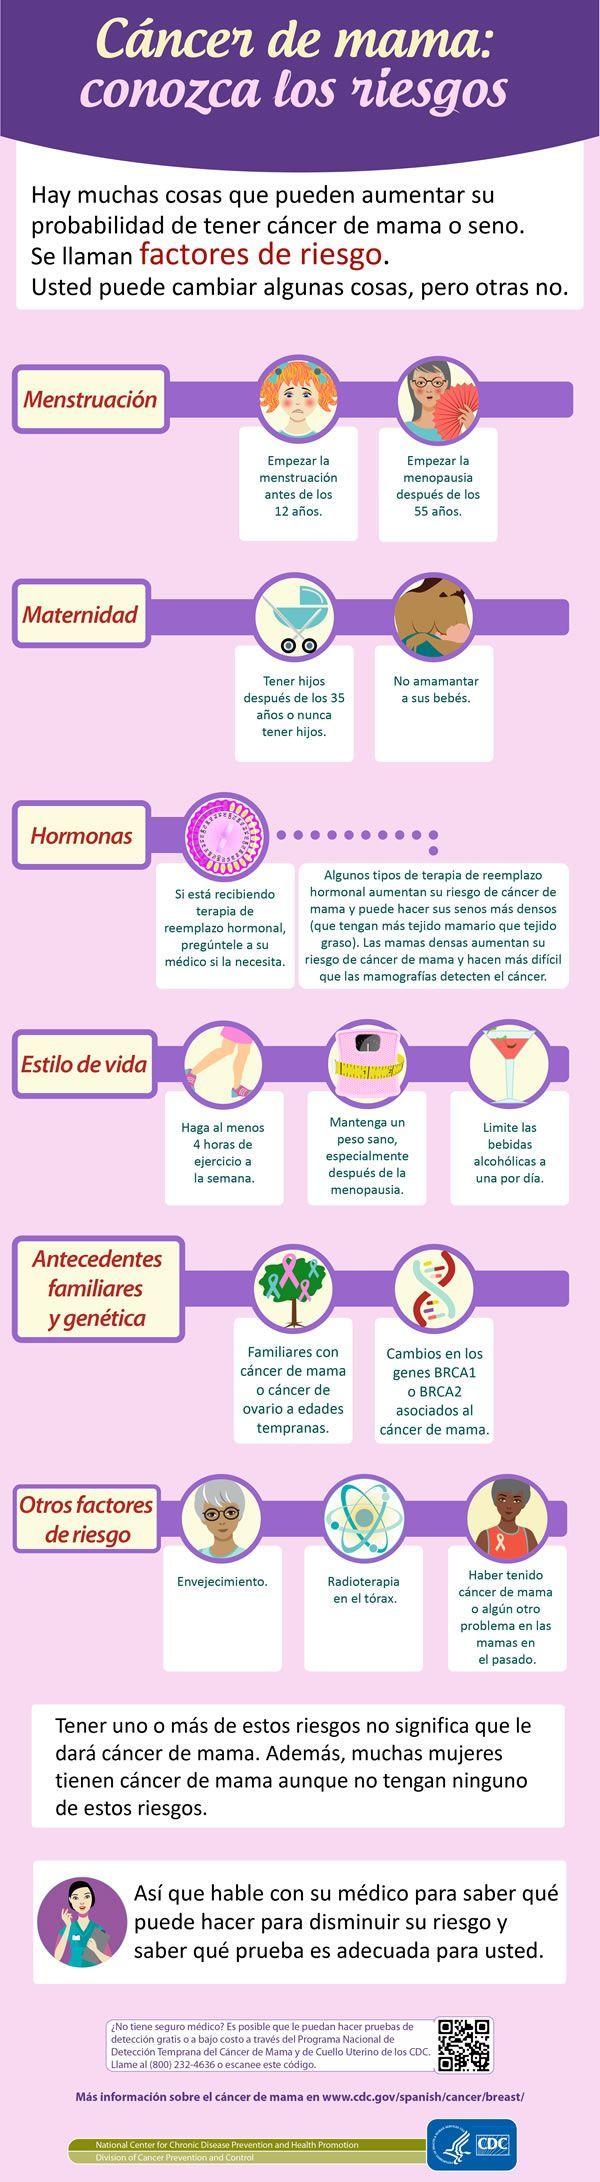 hpv impfung manner wirkstoff